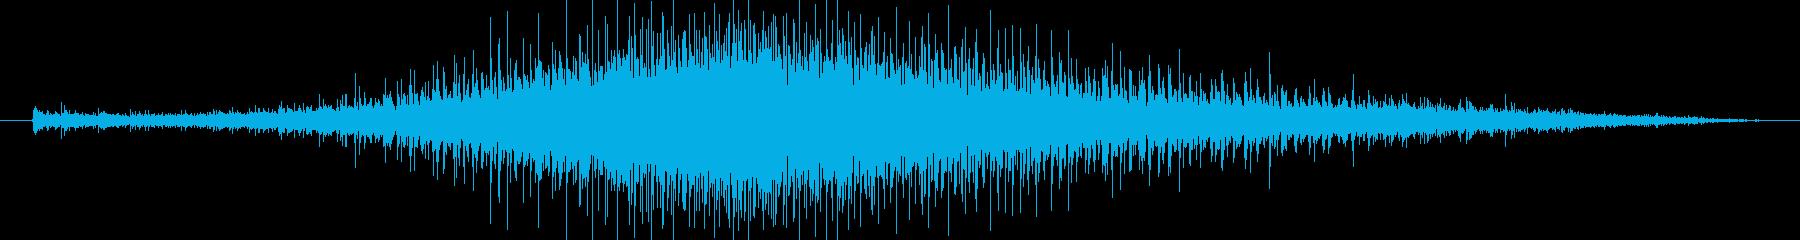 機械 ジグソーエンジン中高速中長04の再生済みの波形